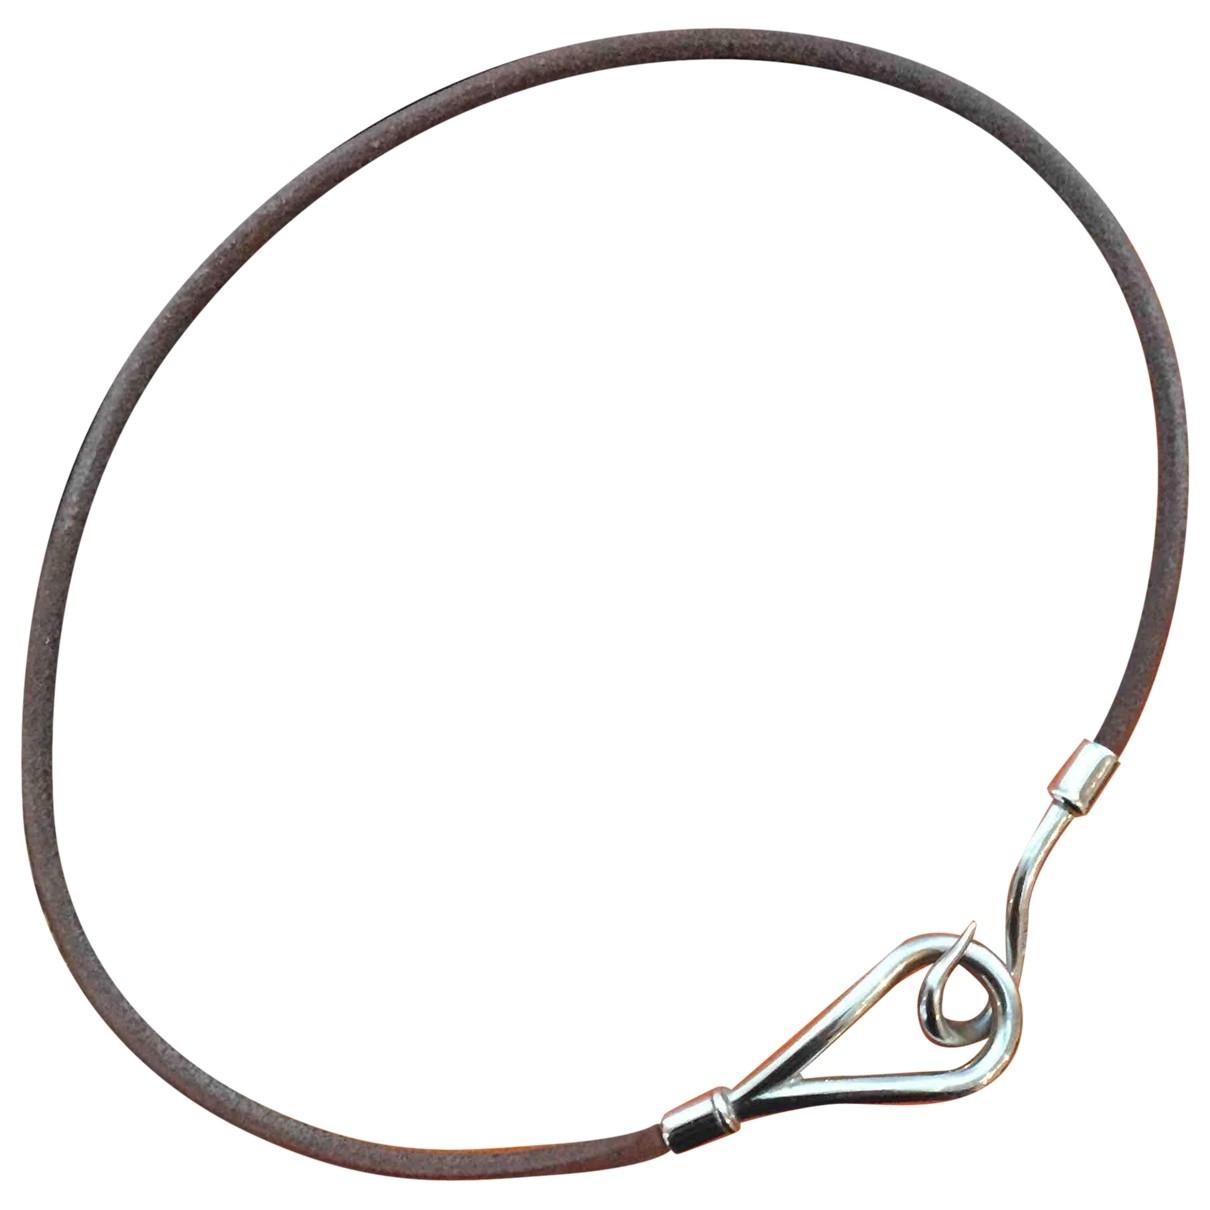 Hermes - Collier Jumbo pour femme en argent - marron